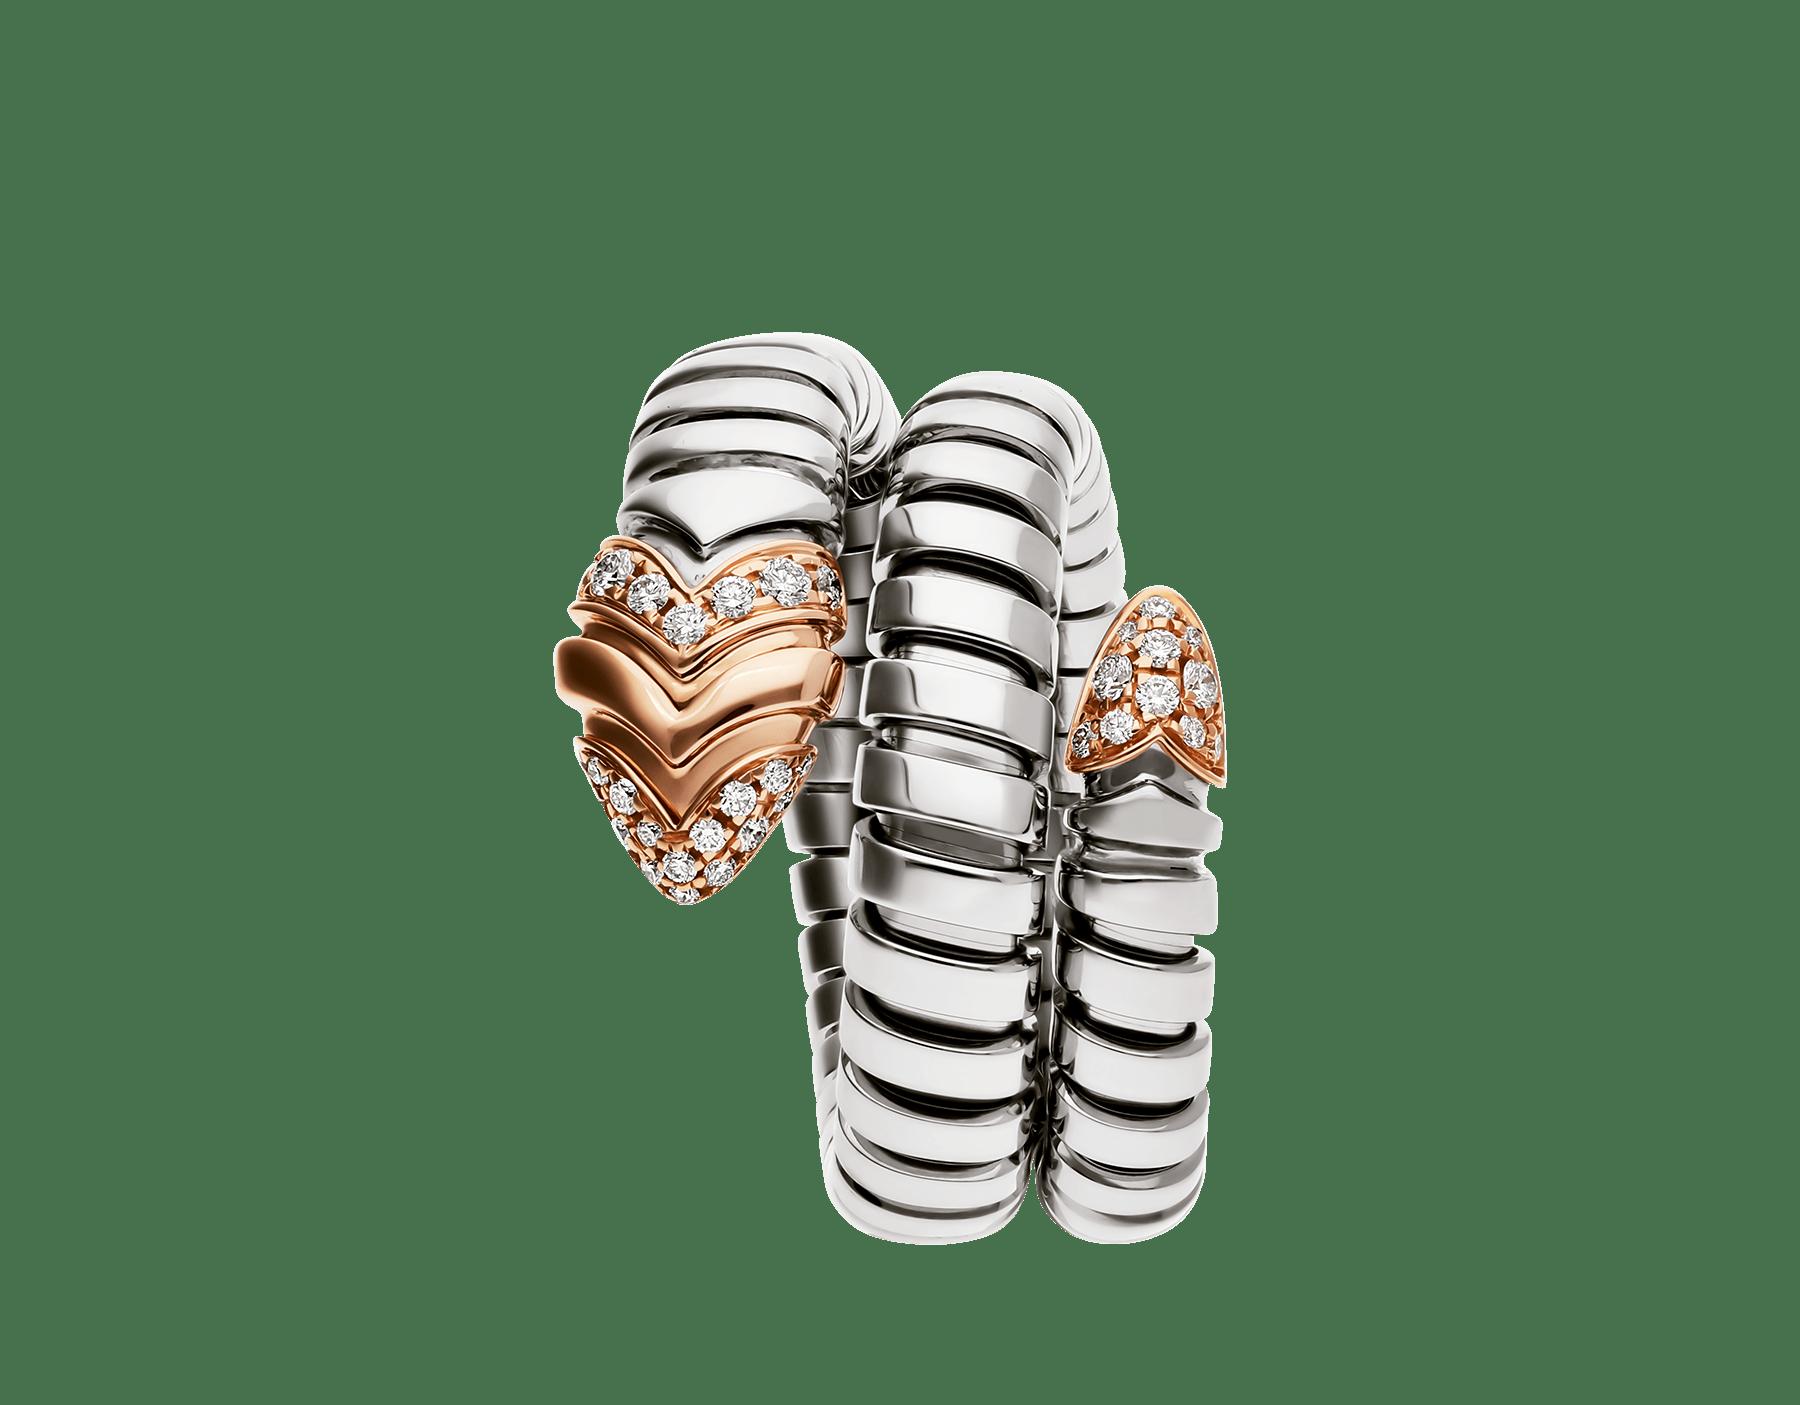 Associant le motif du serpent à la technique Tubogas pour créer une nouvelle forme de séduction, la bague Serpenti s'enroule autour du doigt avec la féminité de l'or rose, la modernité de l'acier et le glamour éclatant du pavé diamants. AN856666 image 2